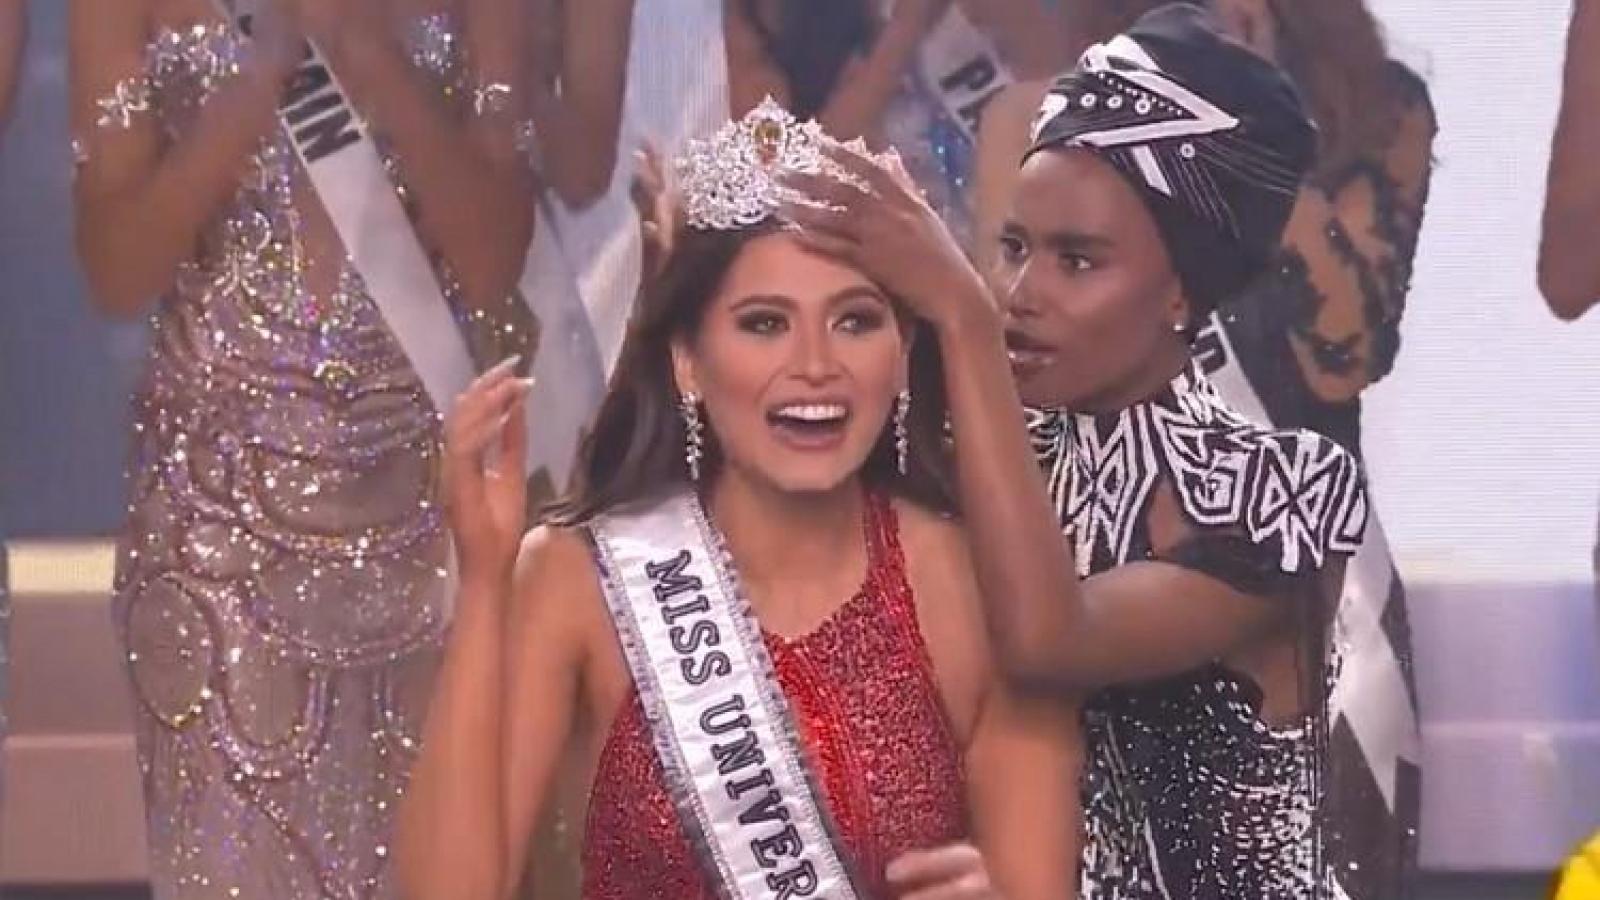 Người đẹp Mexico đăng quang Hoa hậu hoàn vũ 2020